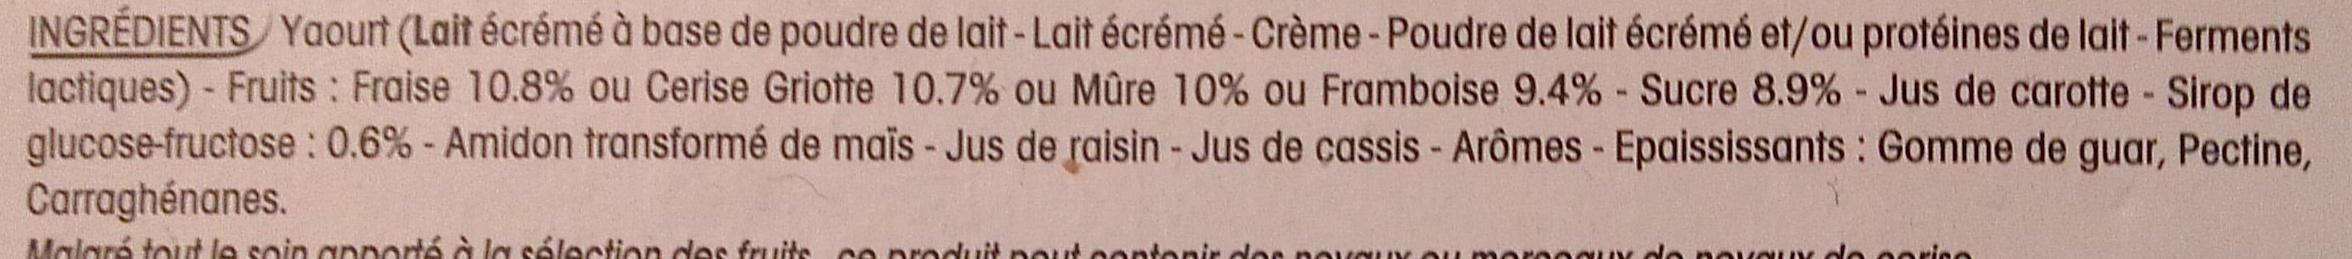 Panier de Yoplait Cerise, Fraise, Framboise, Mûre - Ingredients - fr